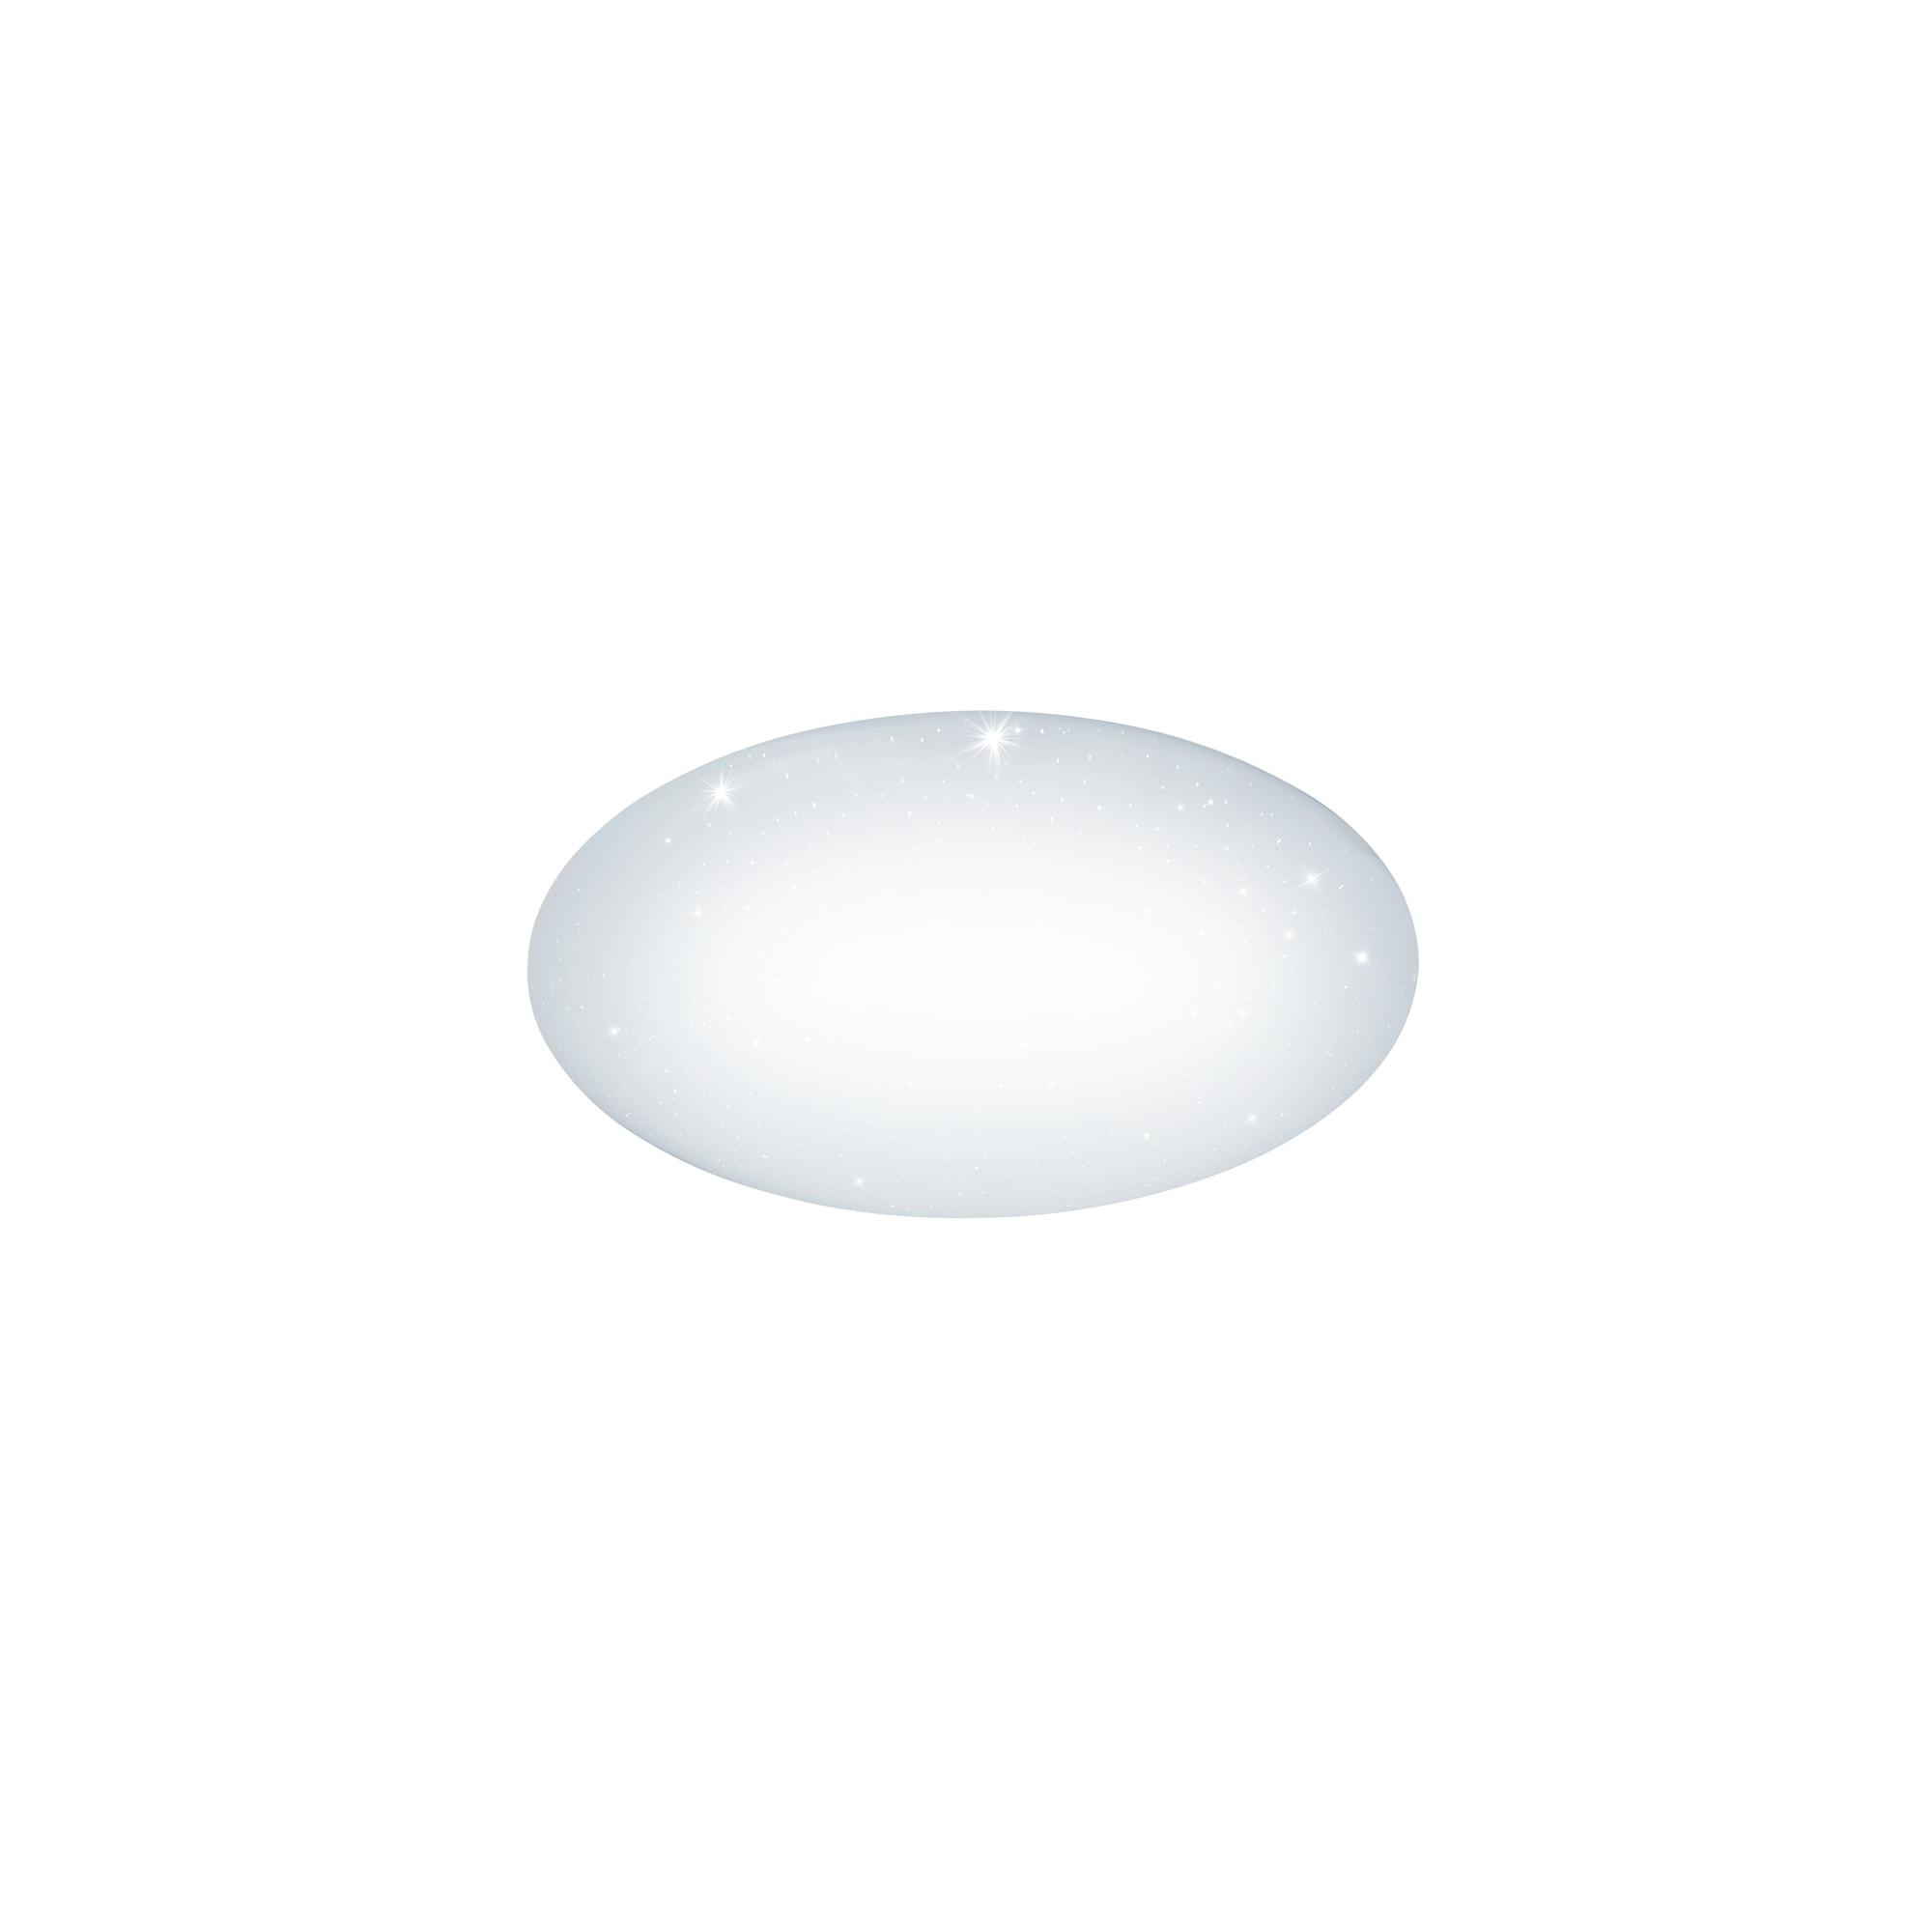 Eglo Giron-S 60cm ledplafondi kauko-ohjaimella